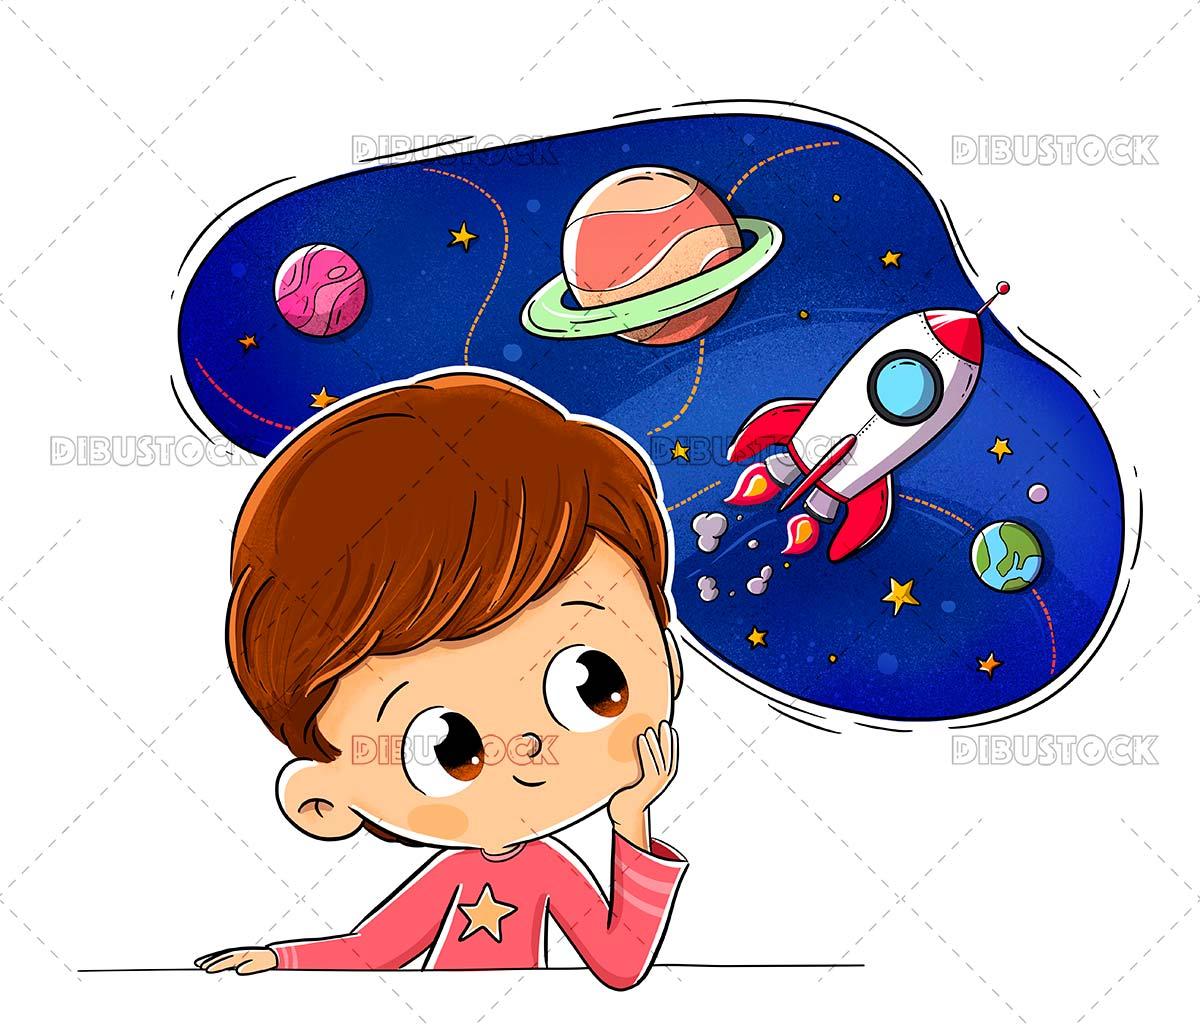 Child thinking imagining space